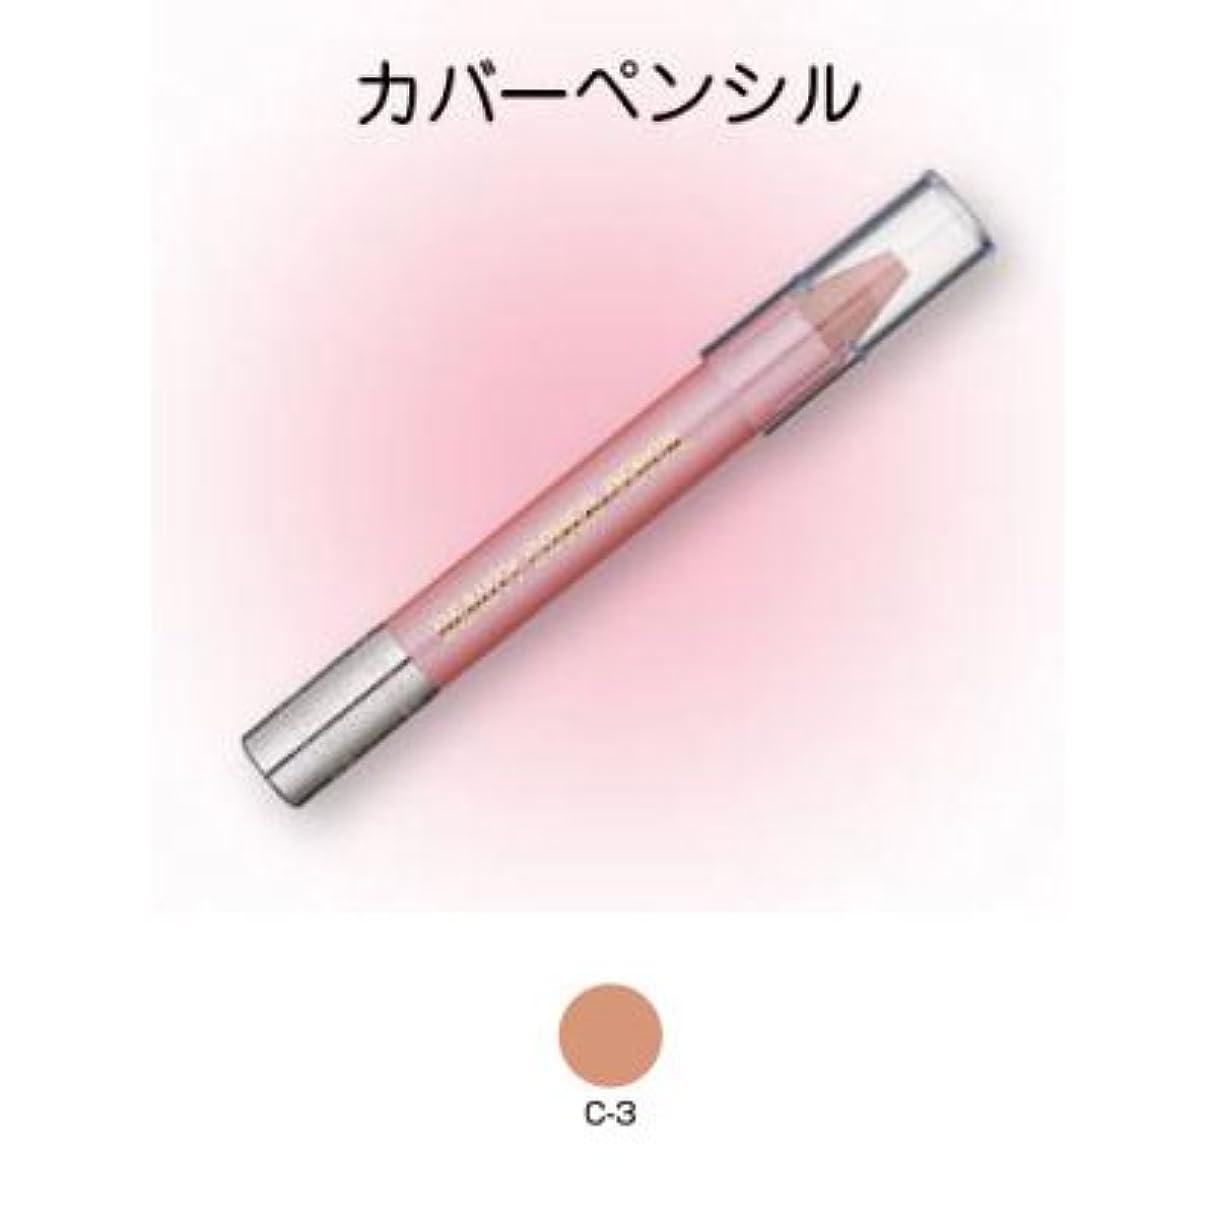 クレタワンダー仮説ビューティーカバーペンシル C-3【三善】